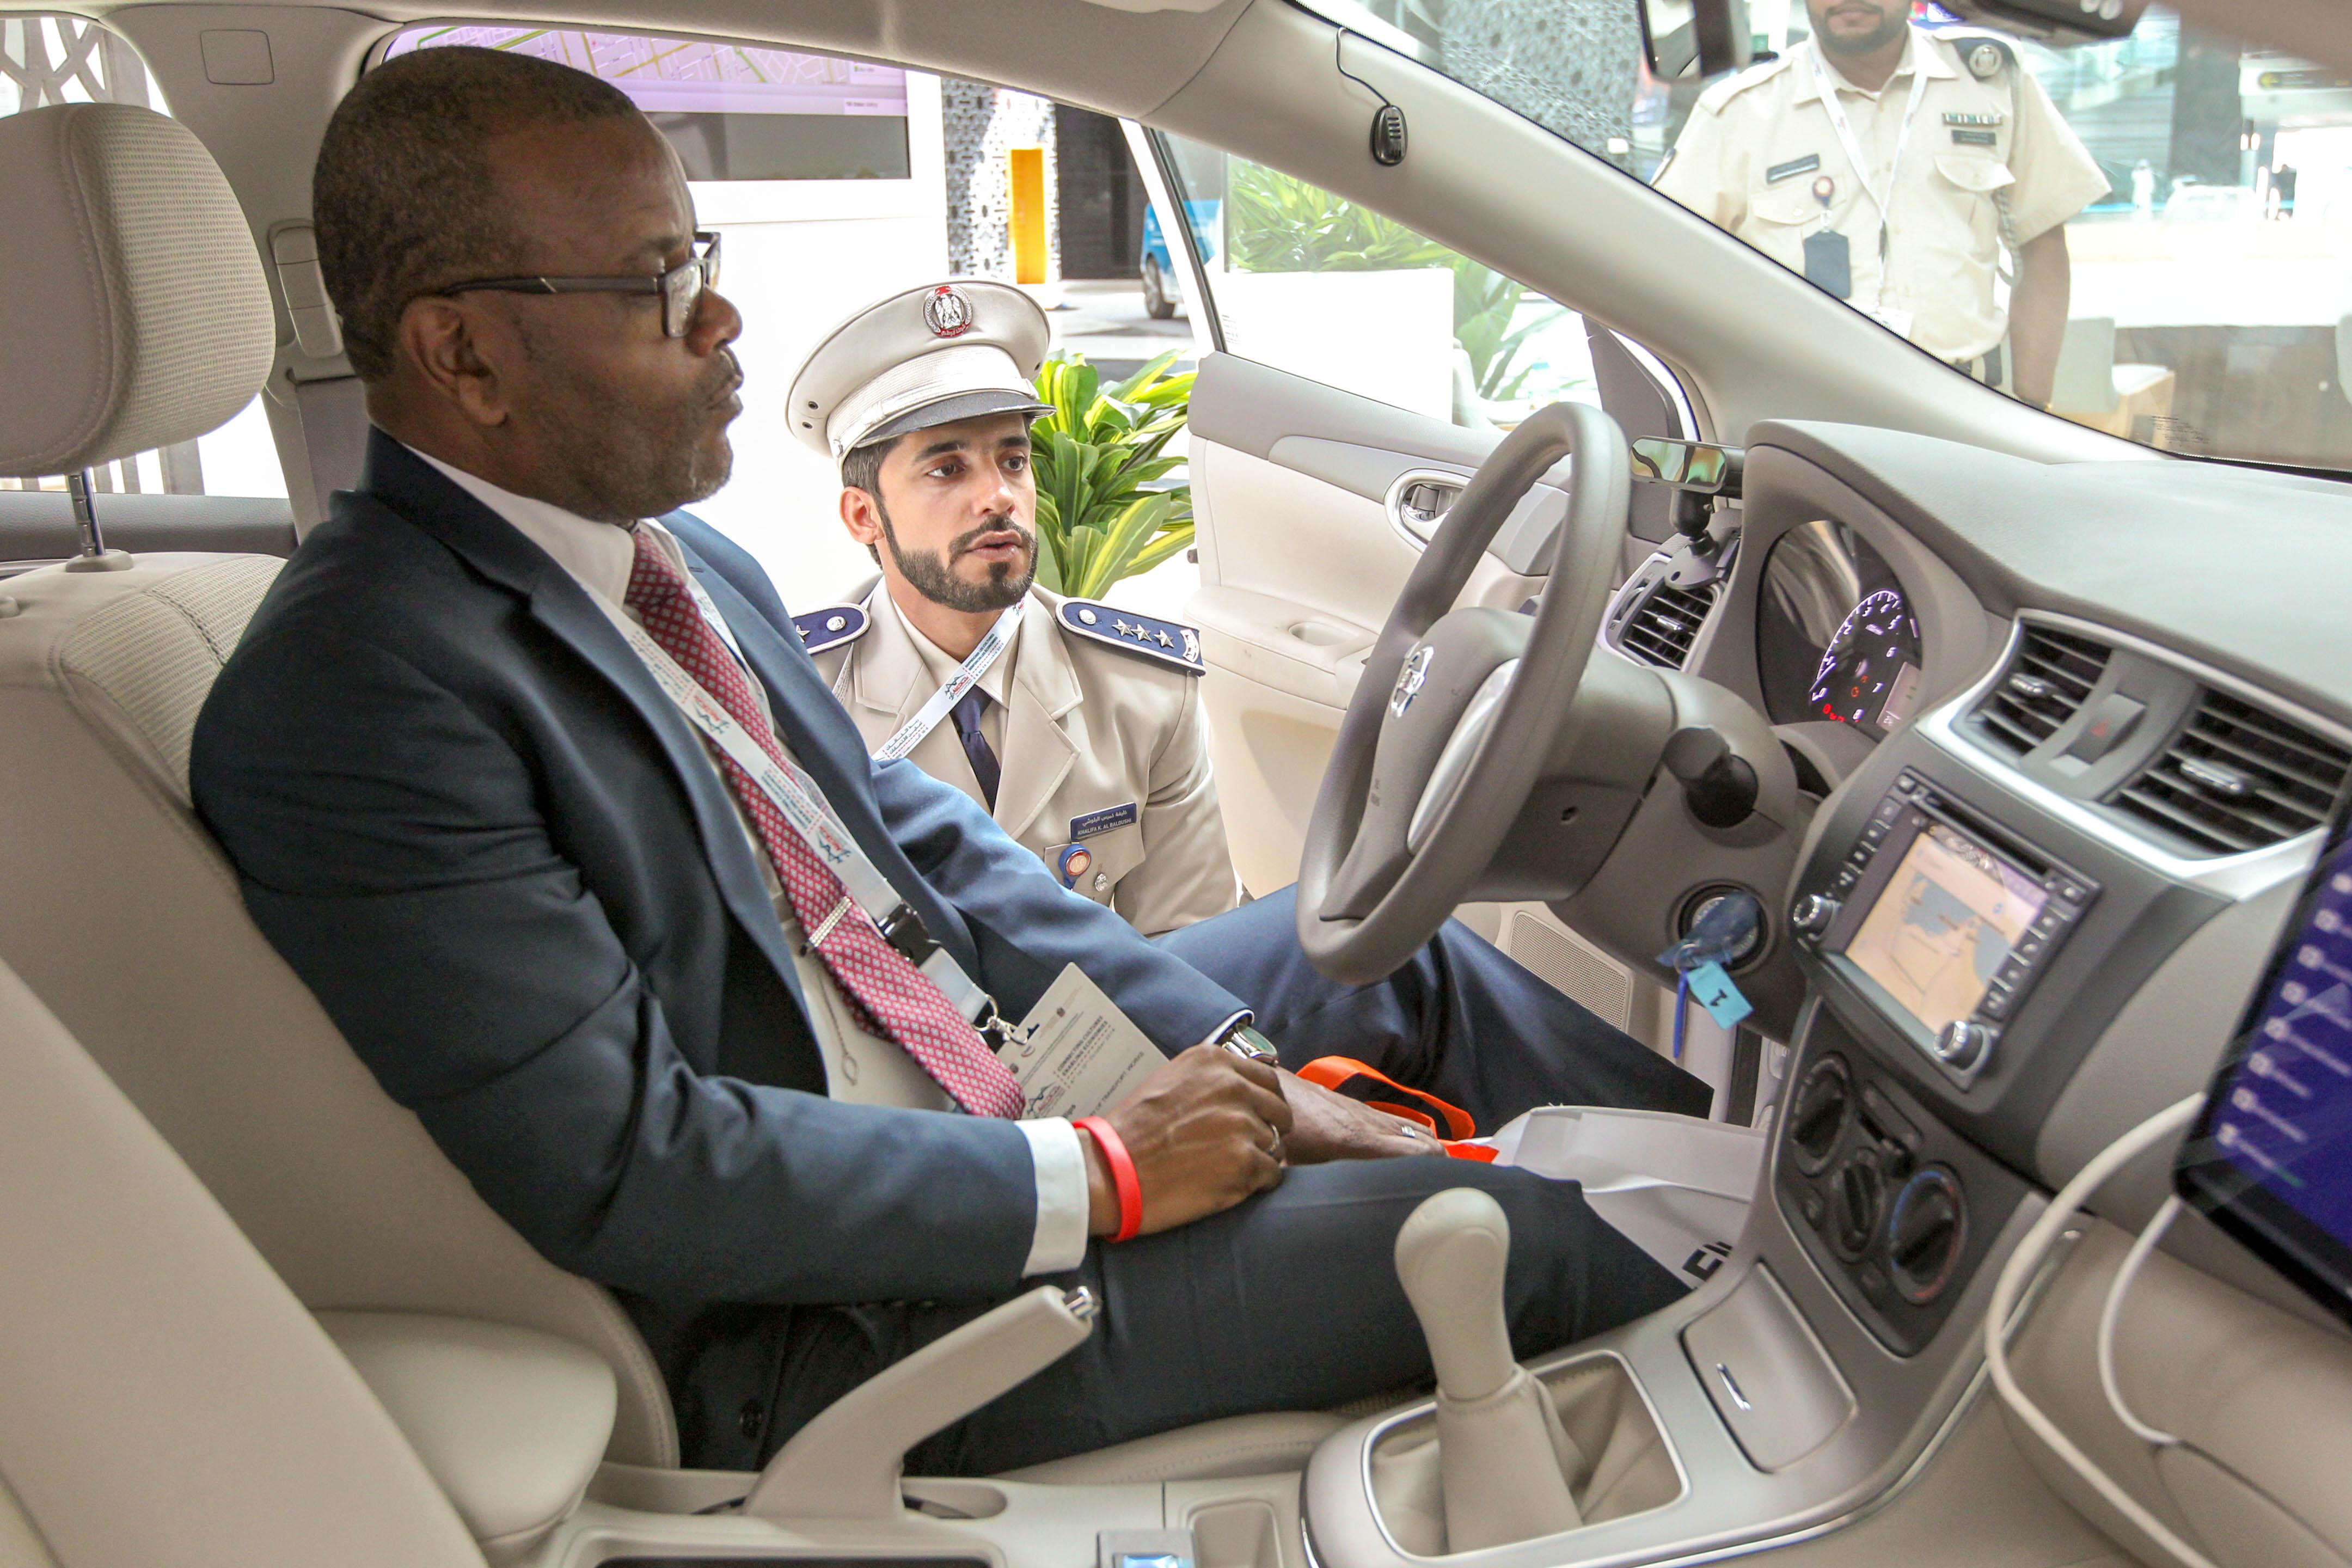 """شرطة أبوظبي تعرض أنظمة ذكية لتعزيز السلامة المرورية في """"المؤتمر الدولي للطرق"""""""